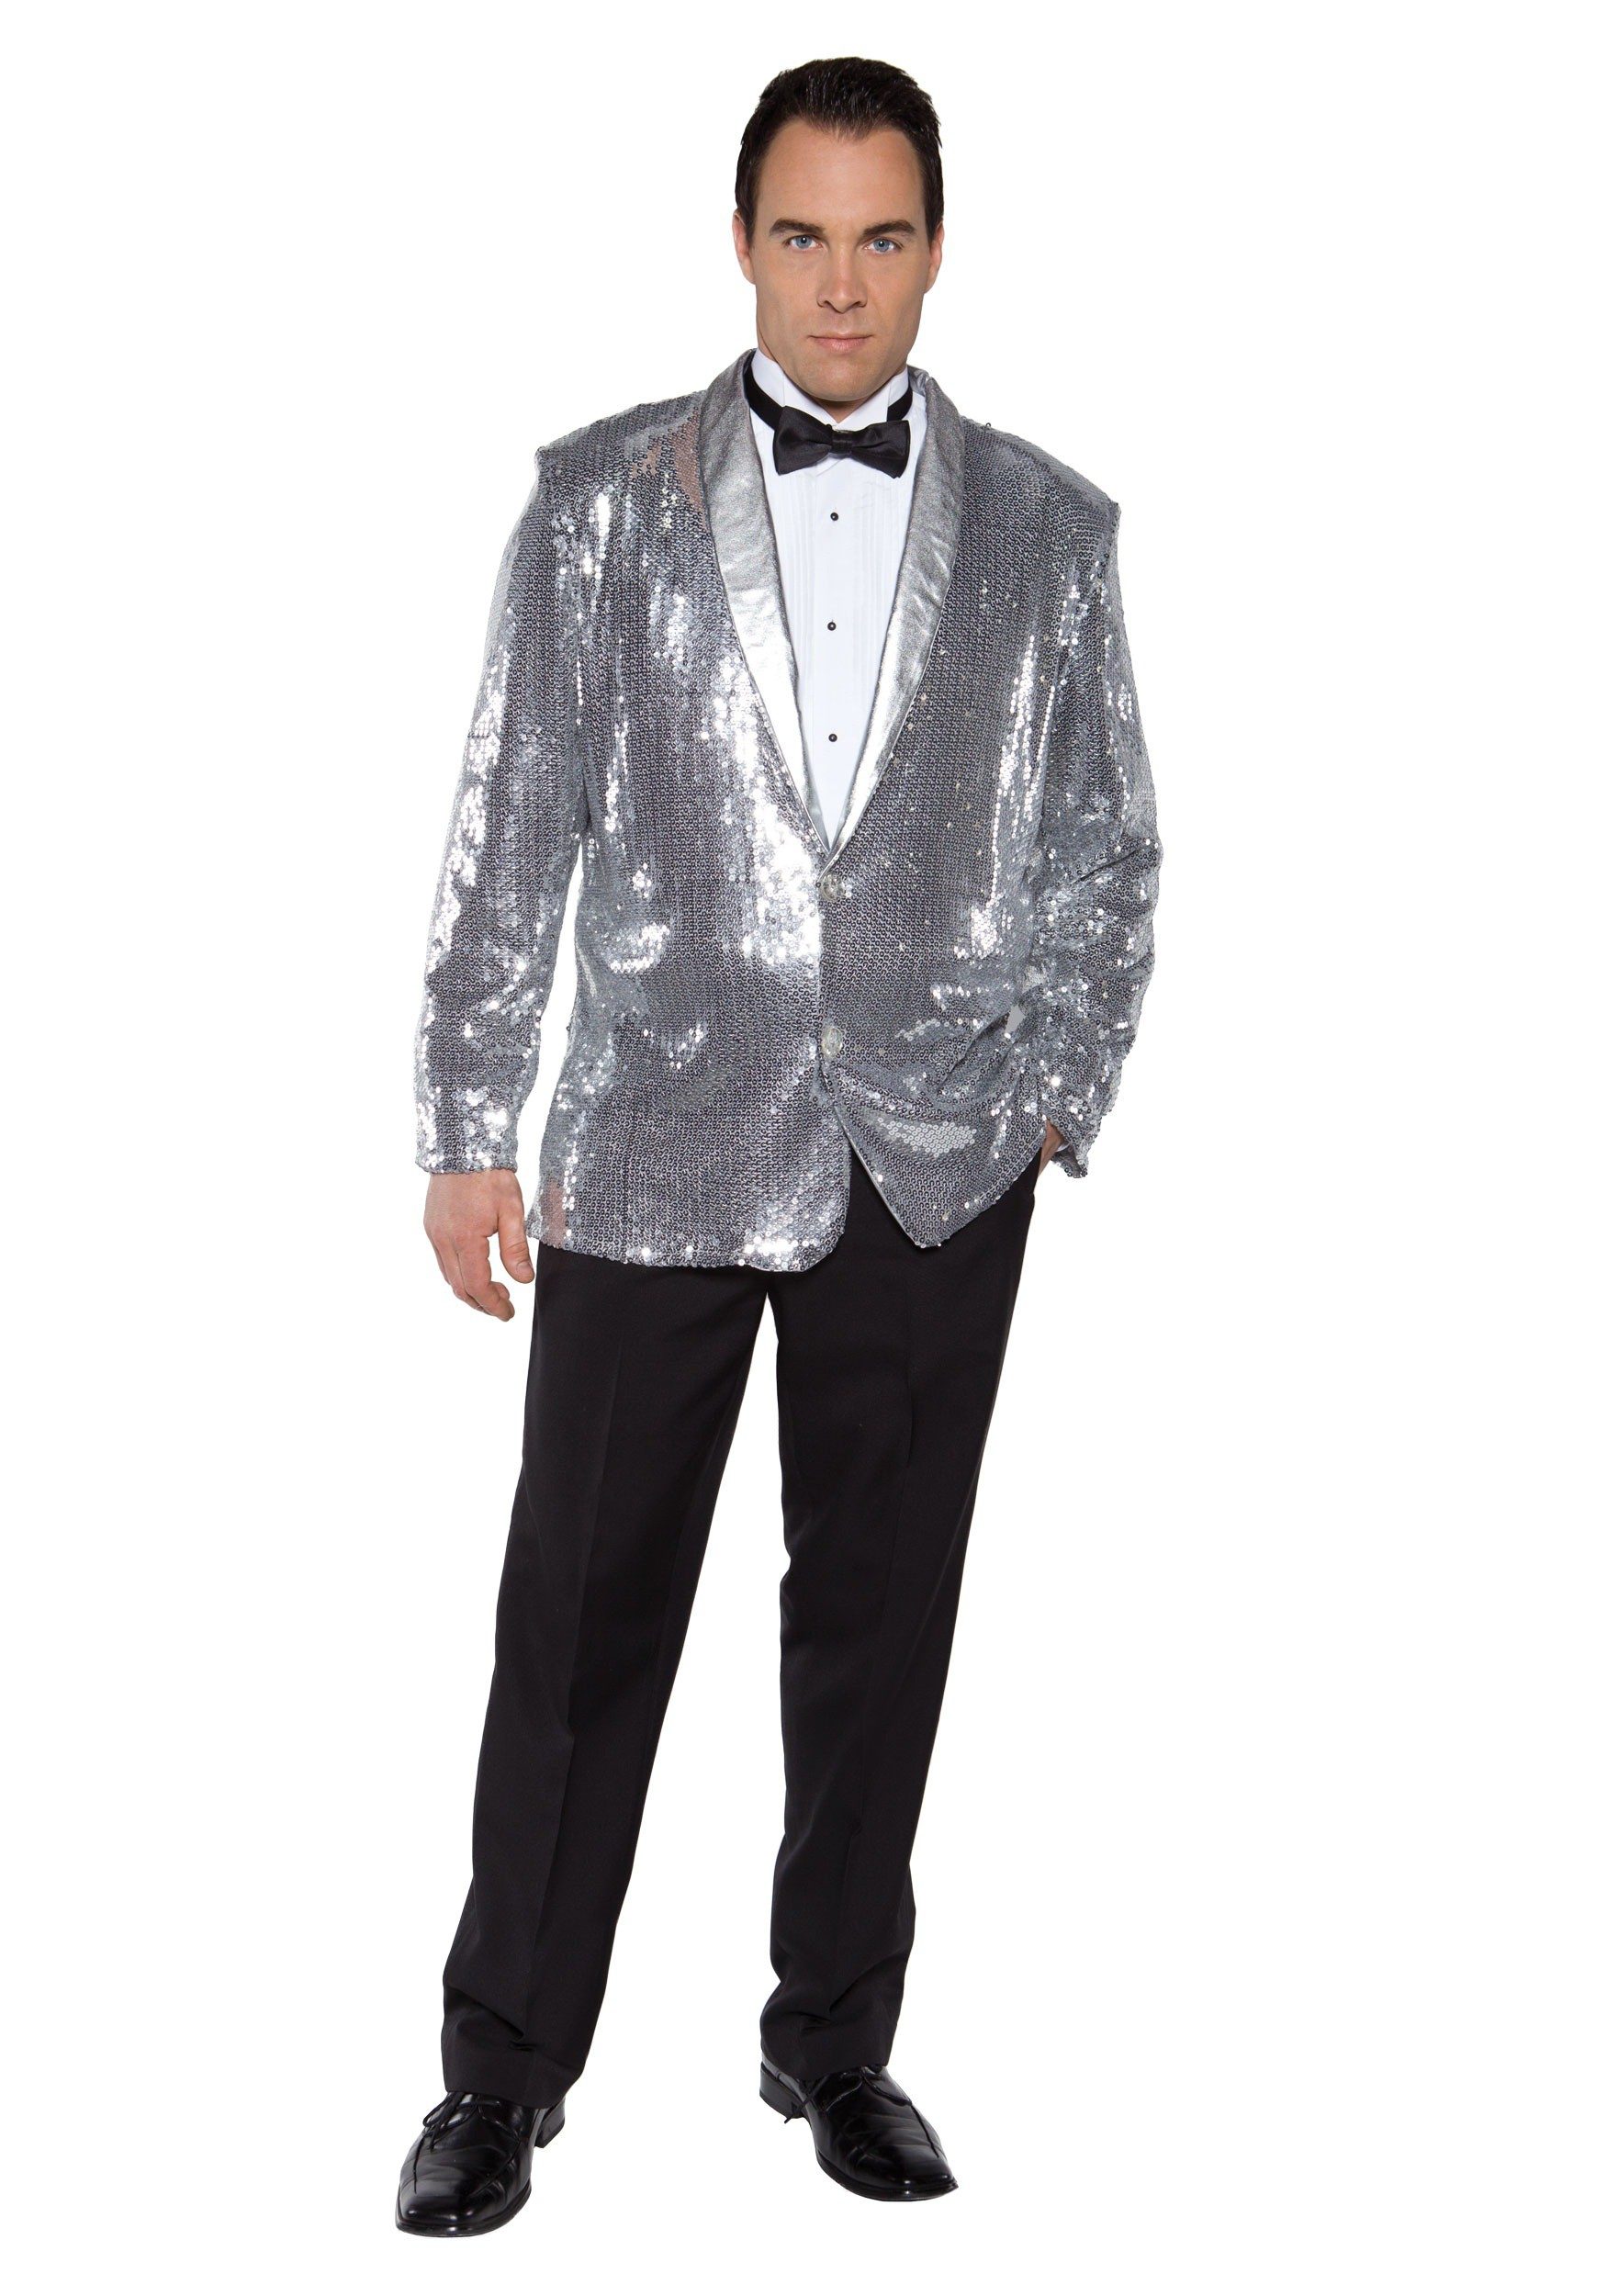 Silver Sequin Costume Men's Jacket